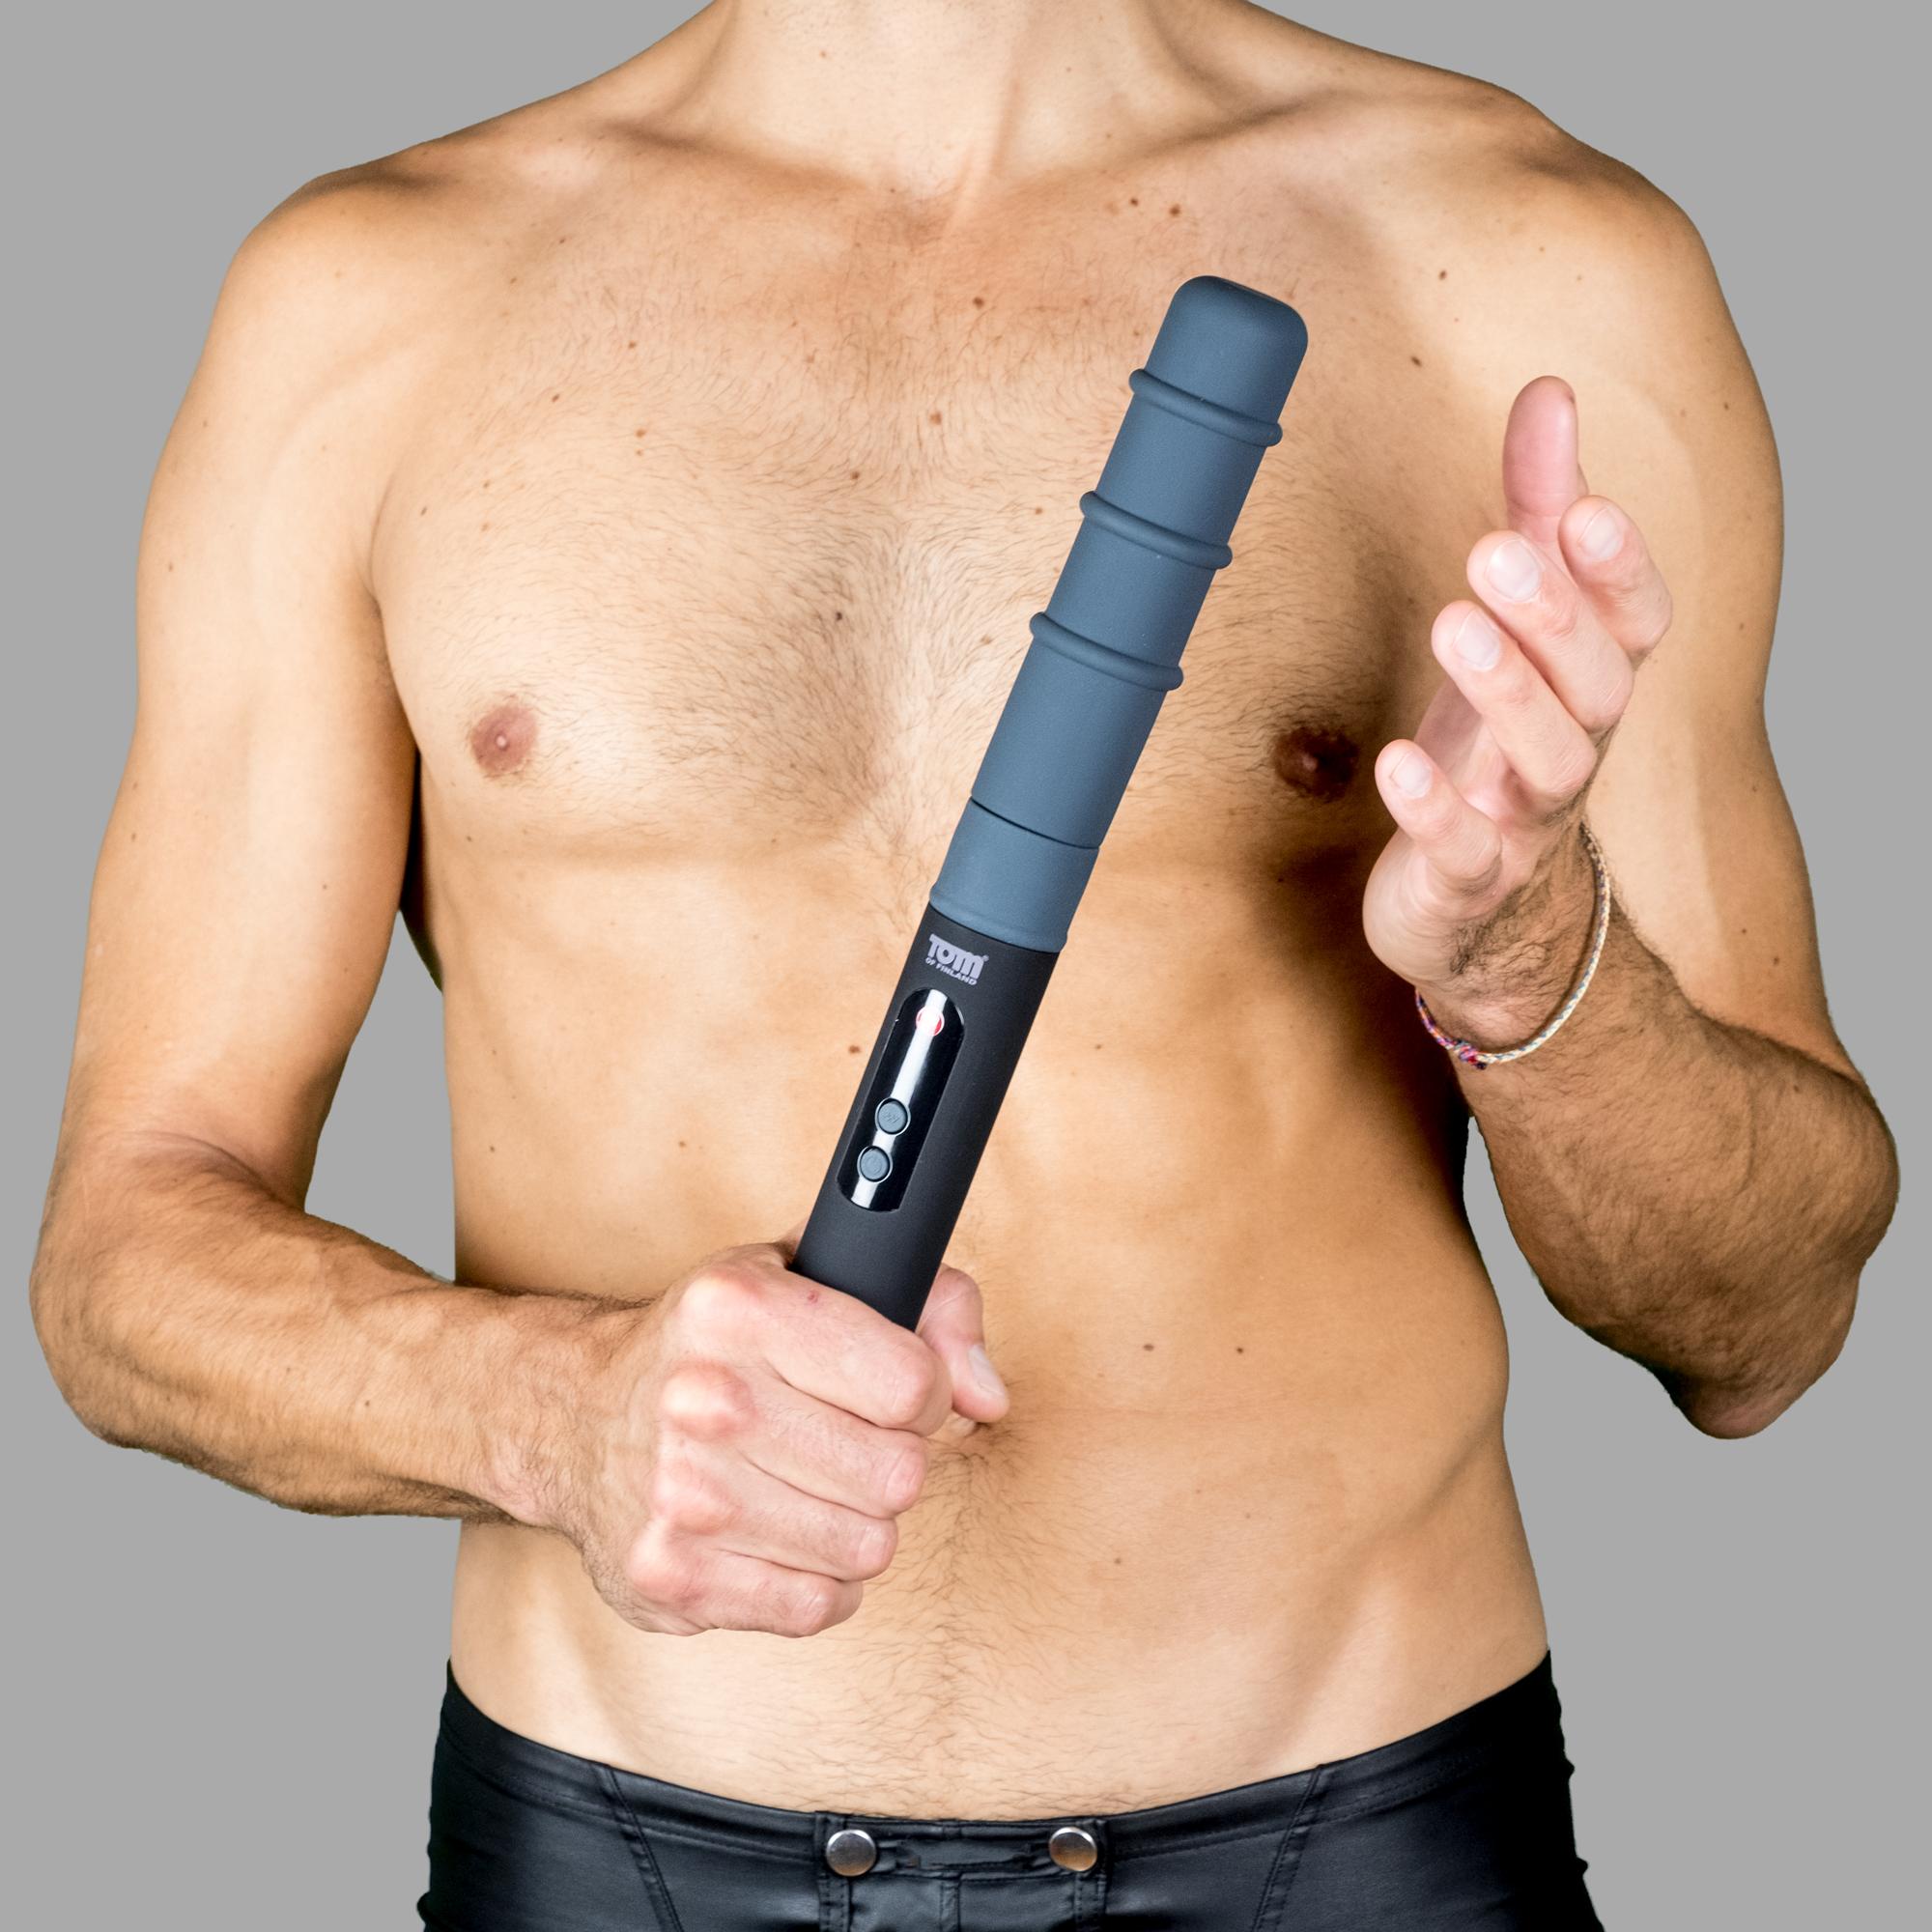 massaggio prostatico vib